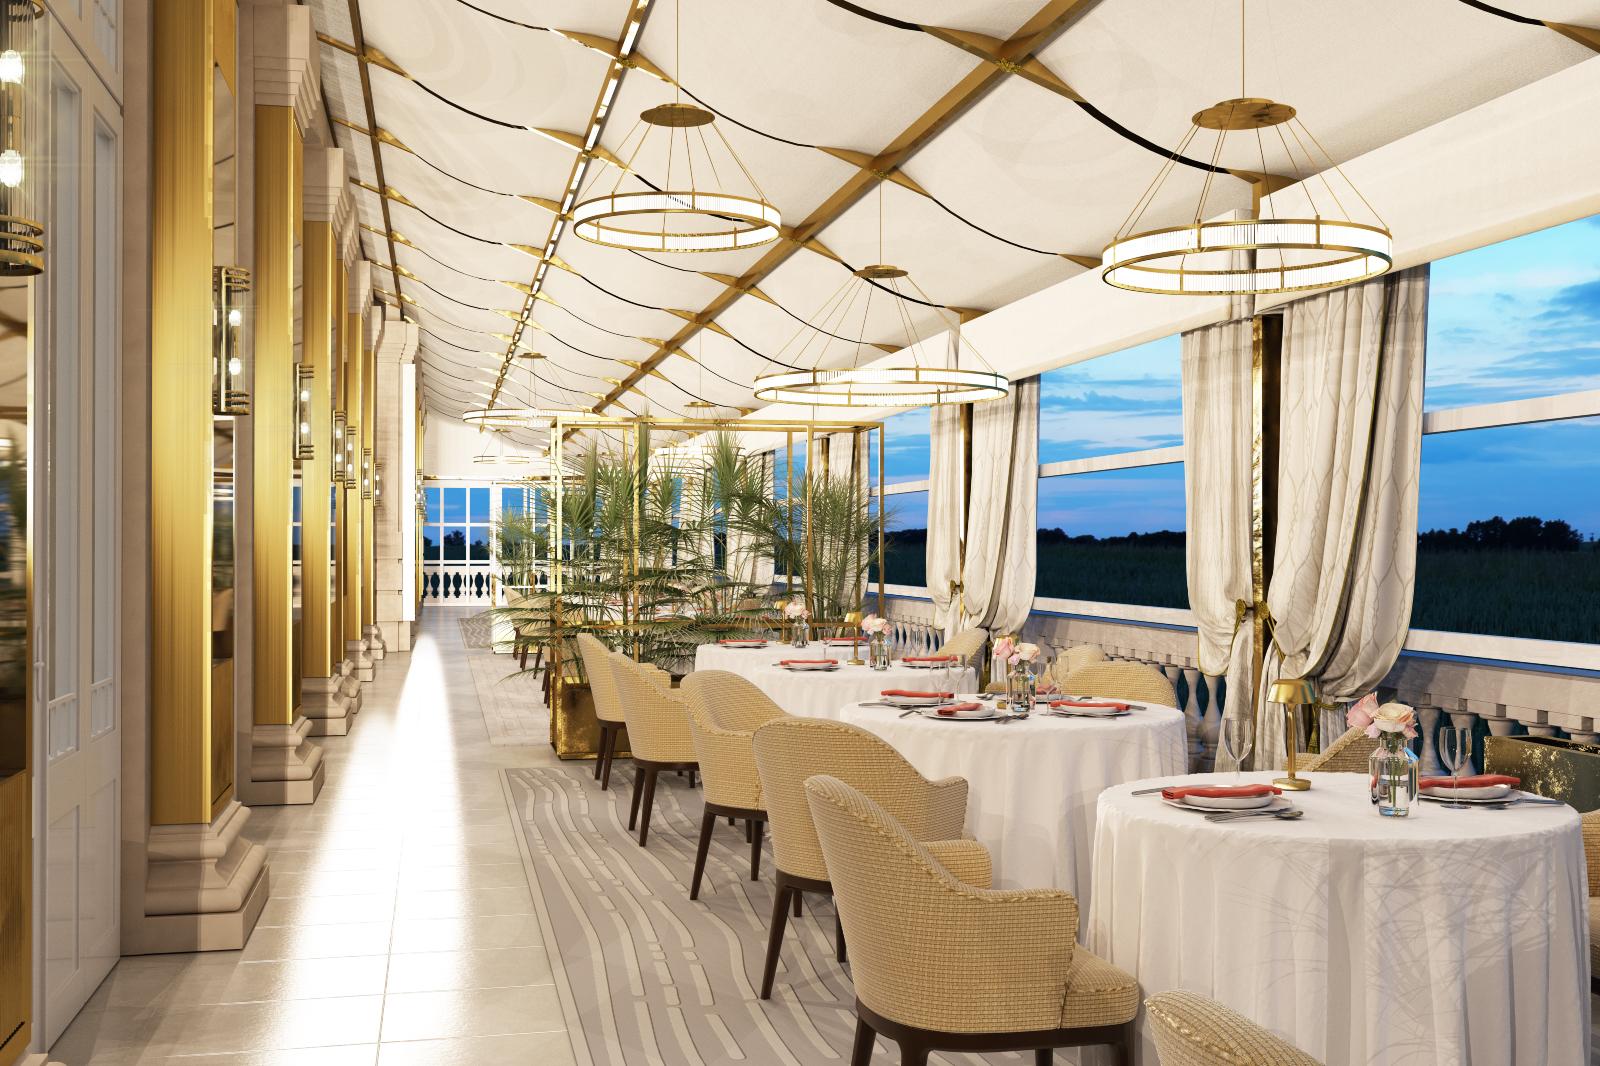 Grand Hotel Principe di Piemonte Viareggio